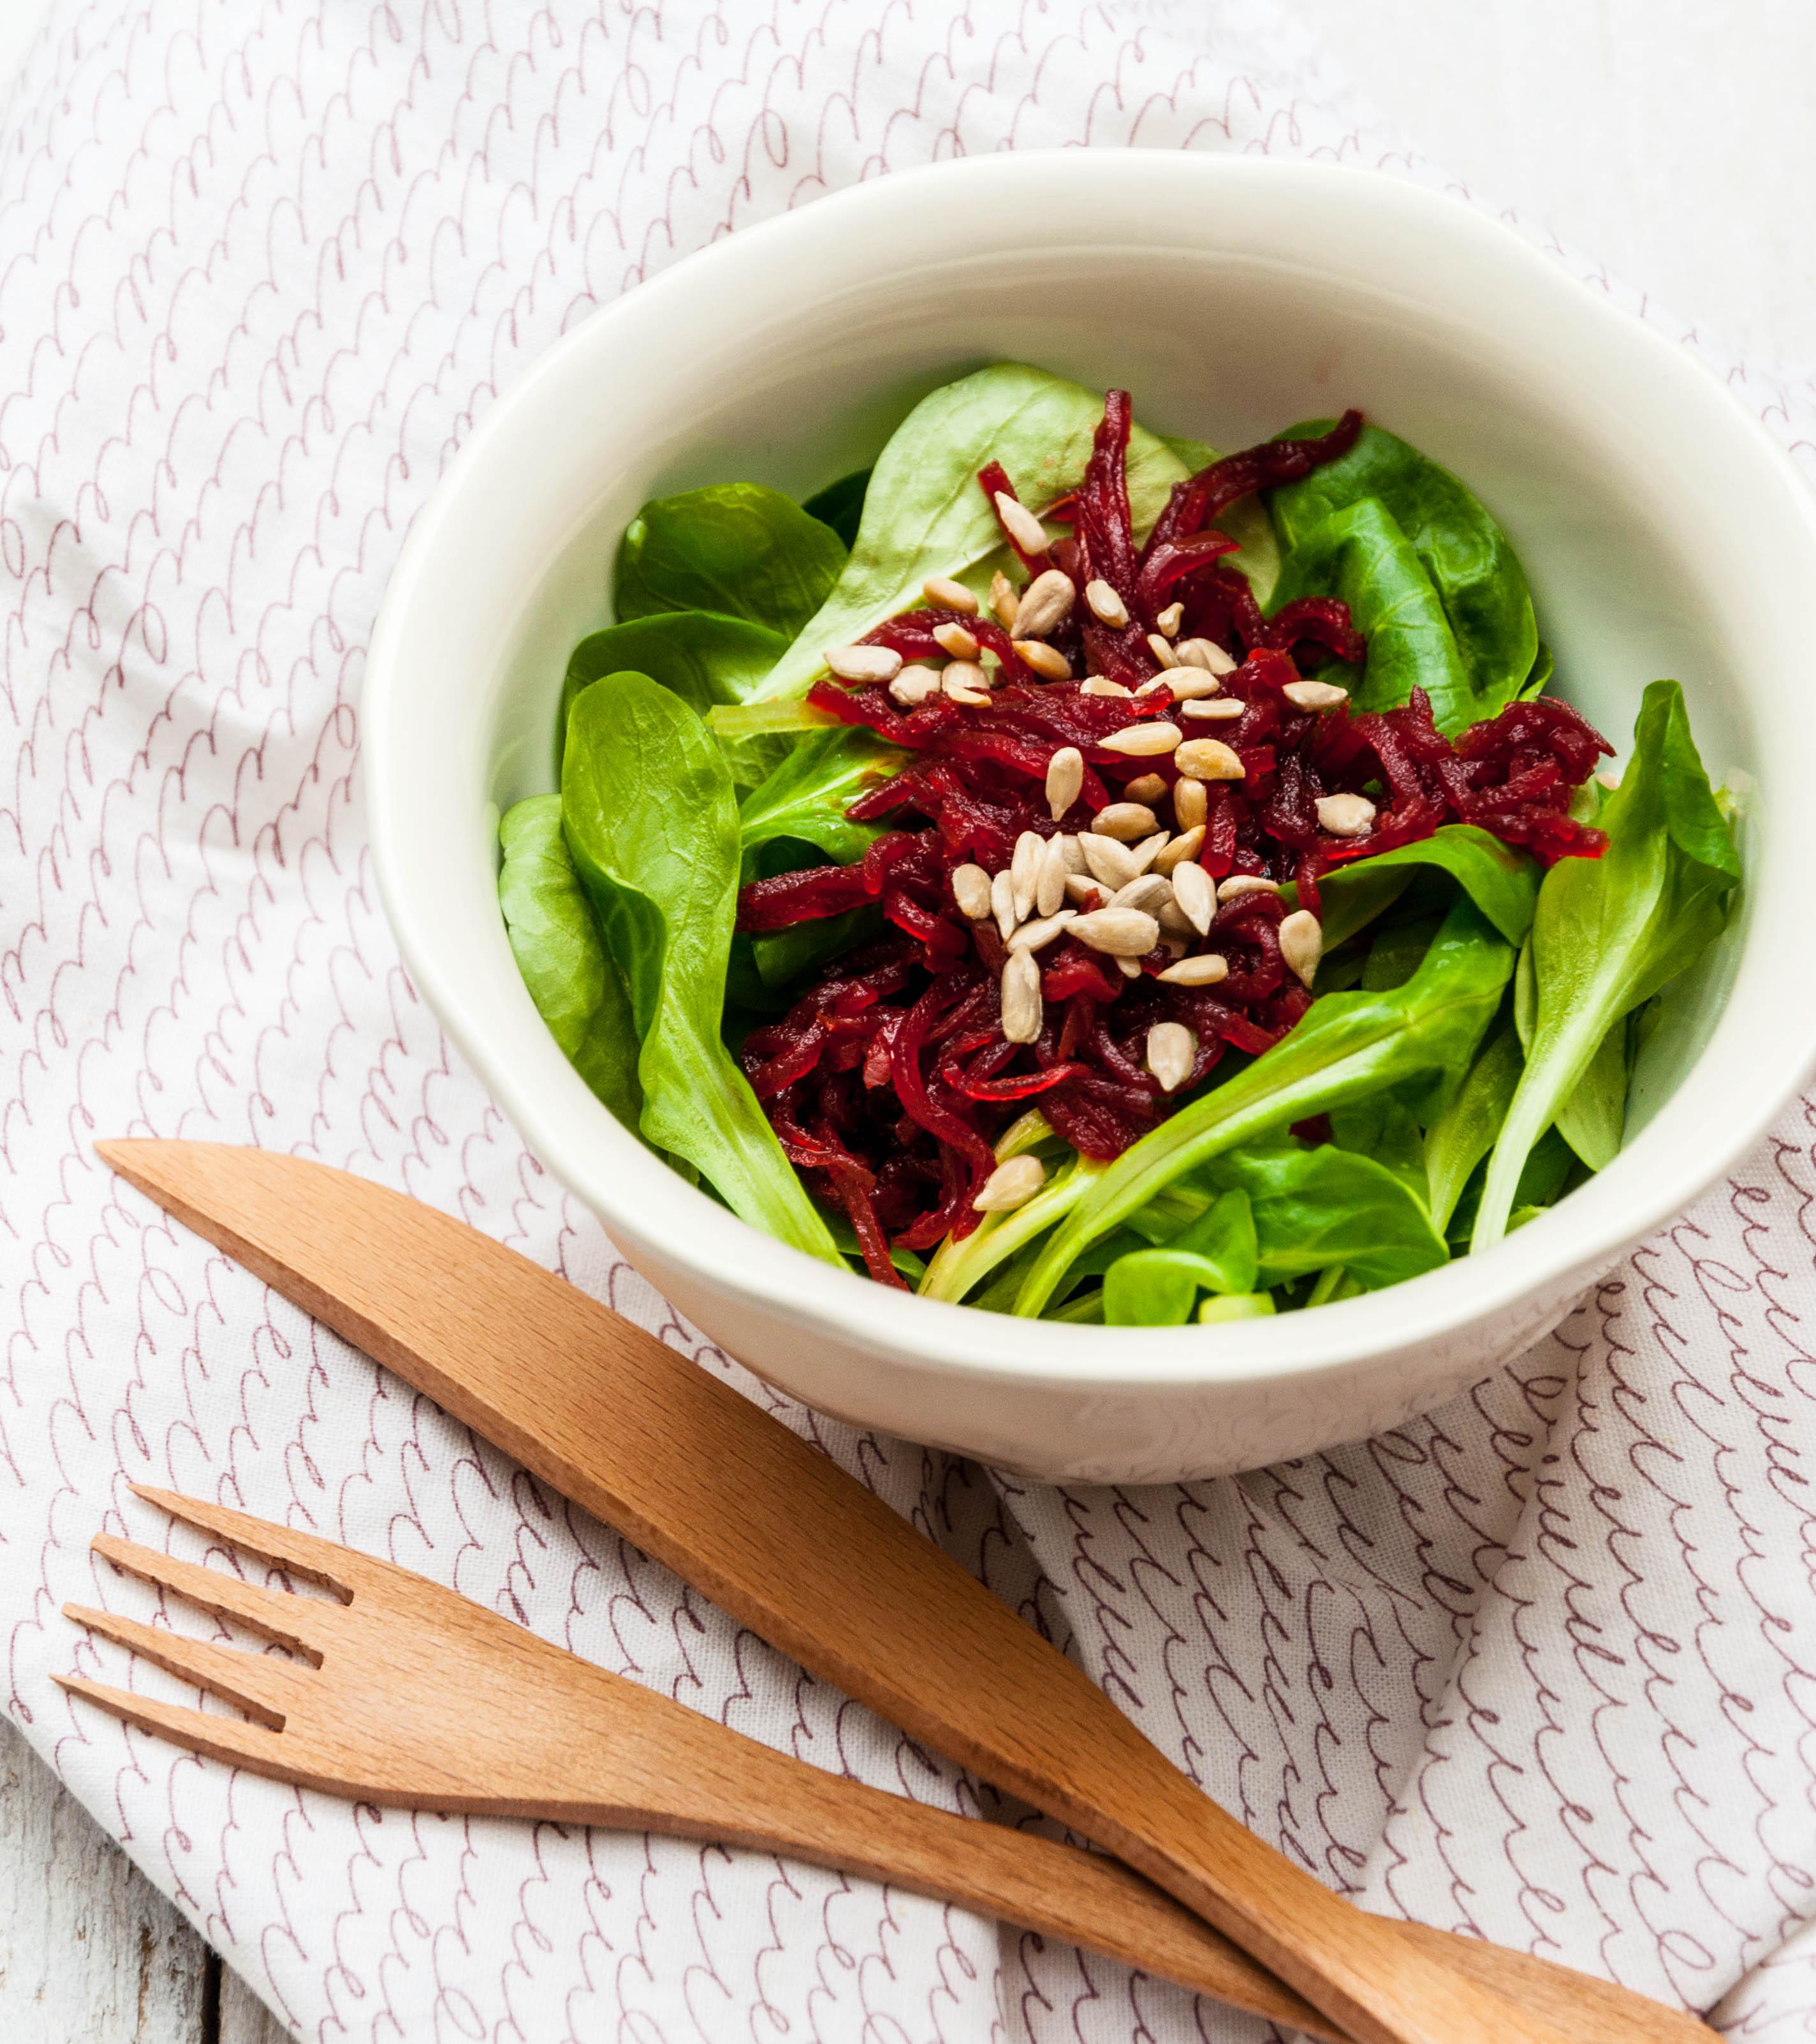 Salade de mache et beterrave lacto ferment blog cuisine - Cuisine saine et simple ...